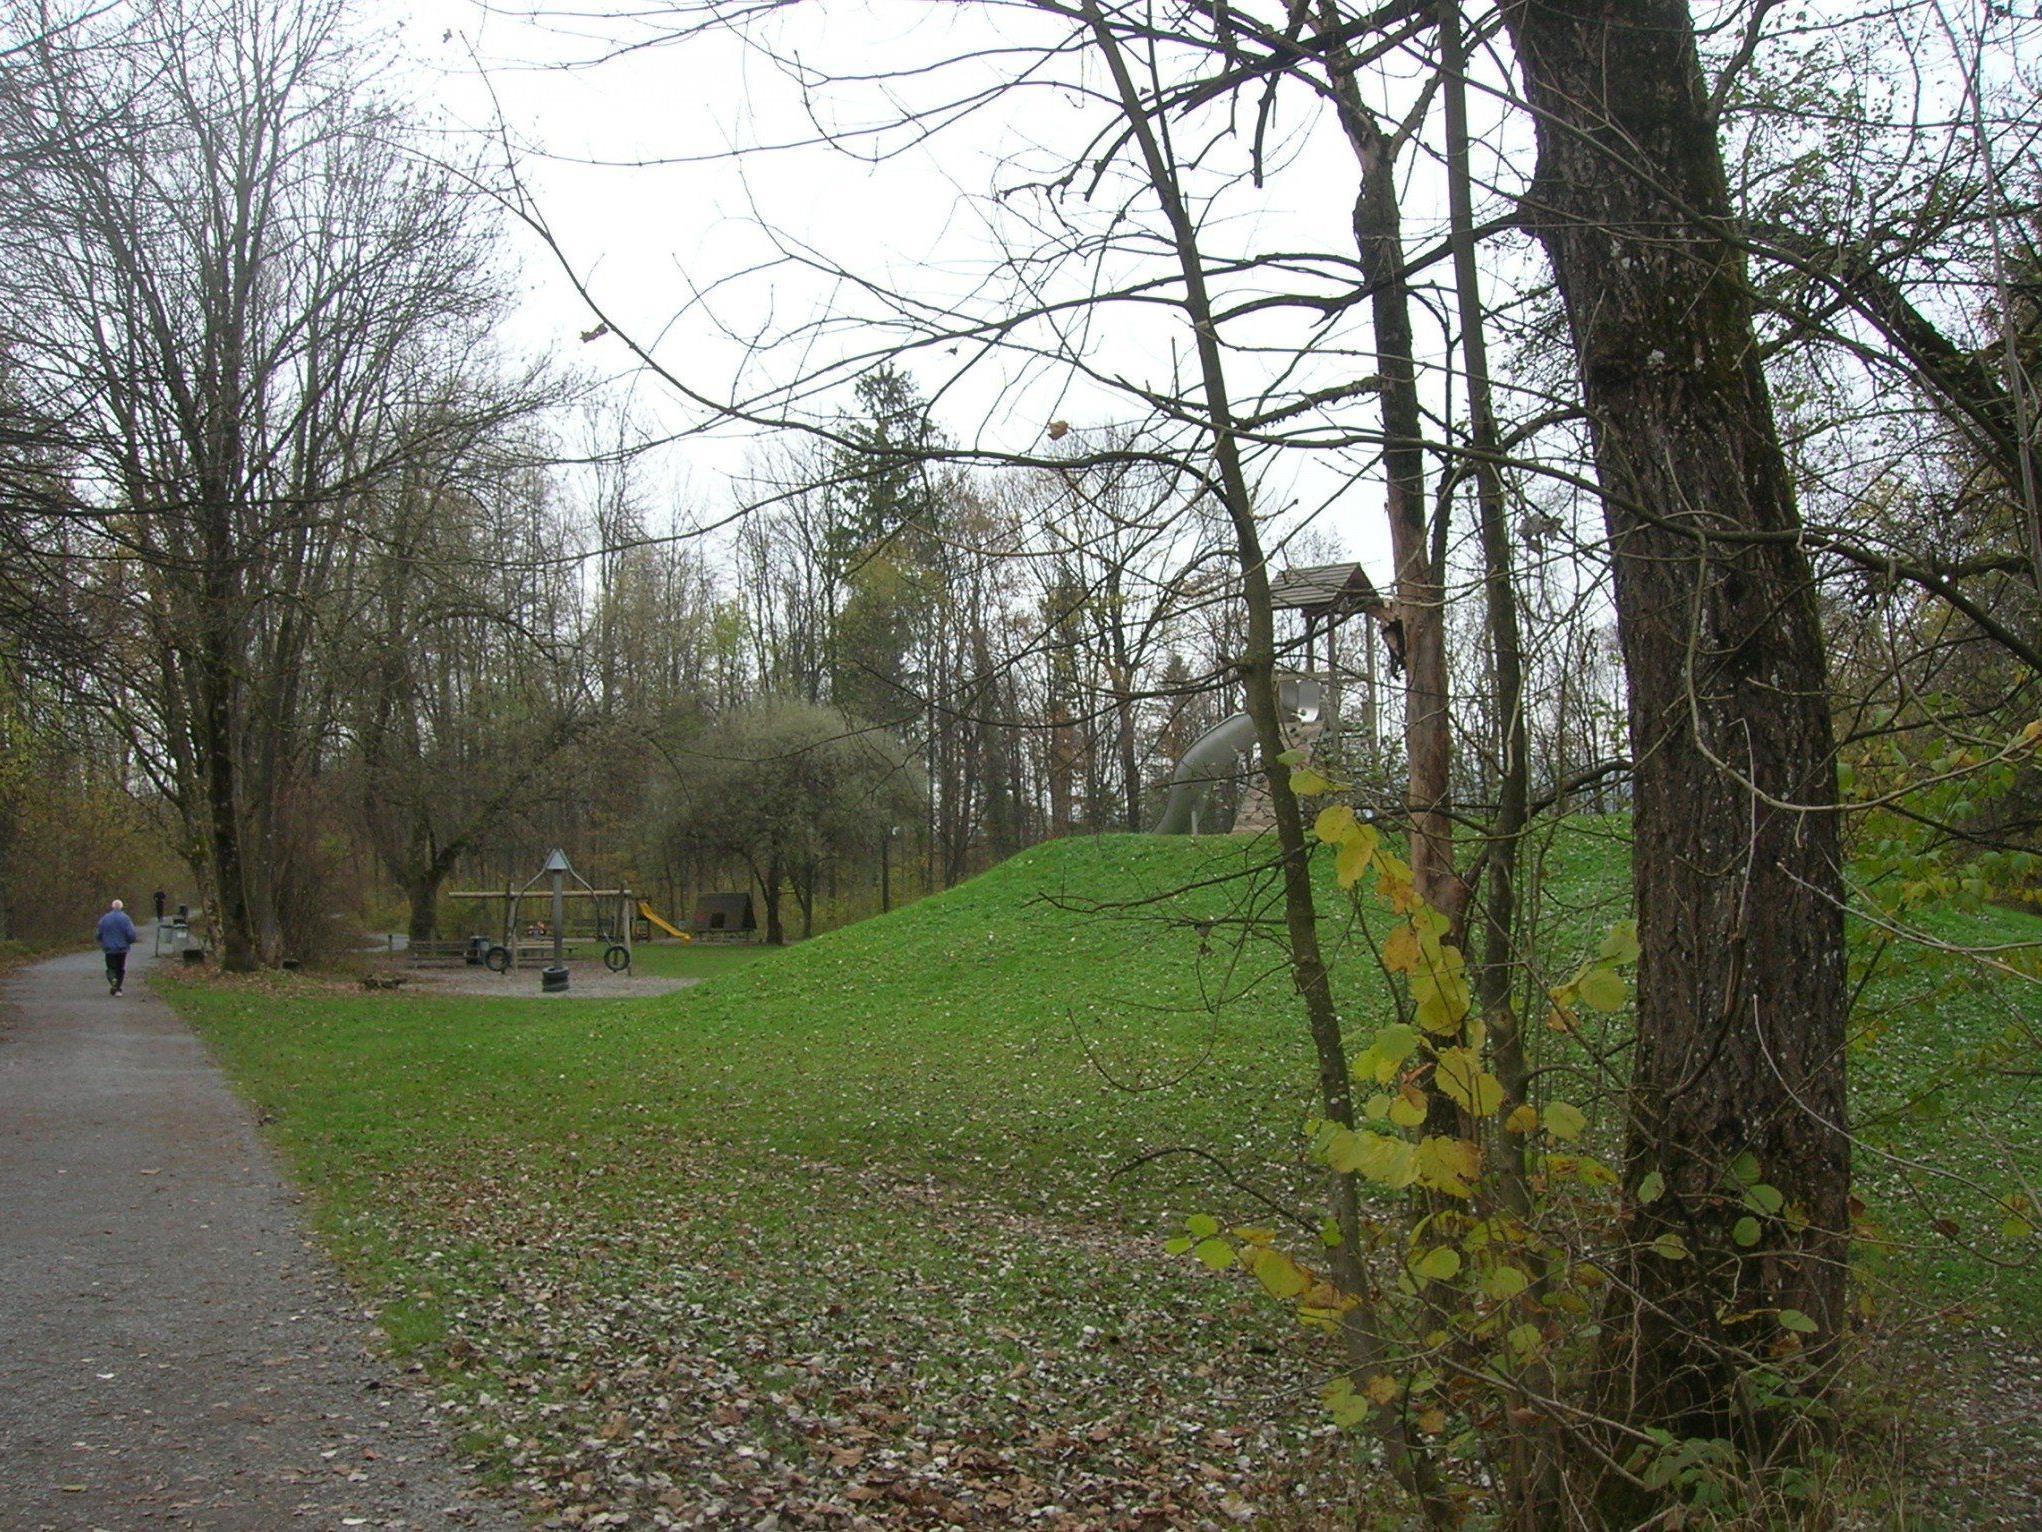 Hundebesitzer sollten im Rohrbach besonders auf ihren Hund aufpassen.